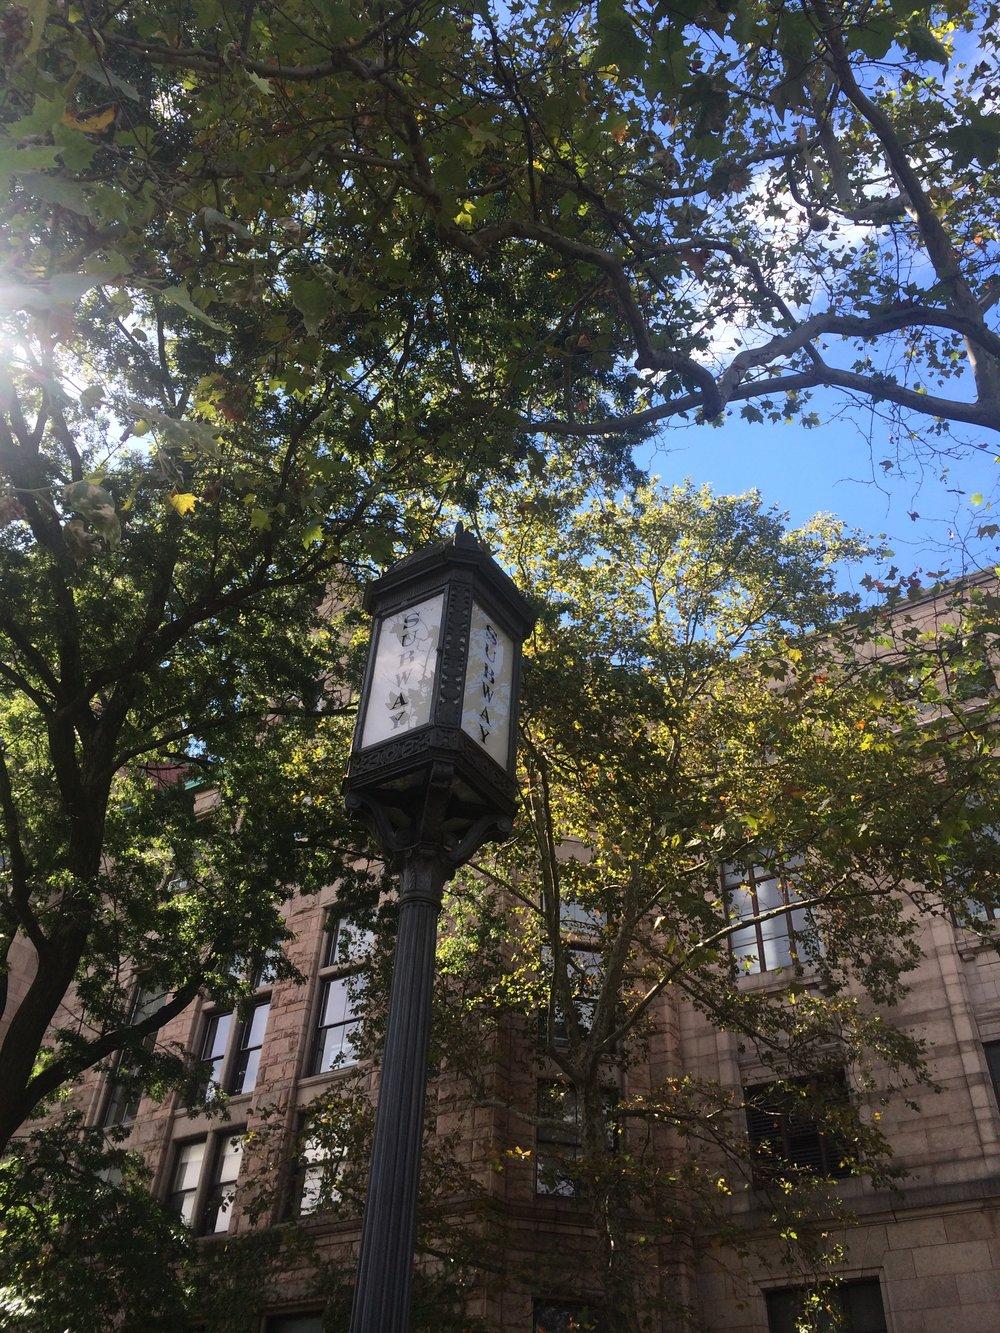 Některé lampy si zachovaly původní historický ráz a žádného přebarvení se nedočkaly, jako například tato v blízkosti Central parku.(foto: Libor Hinčica)